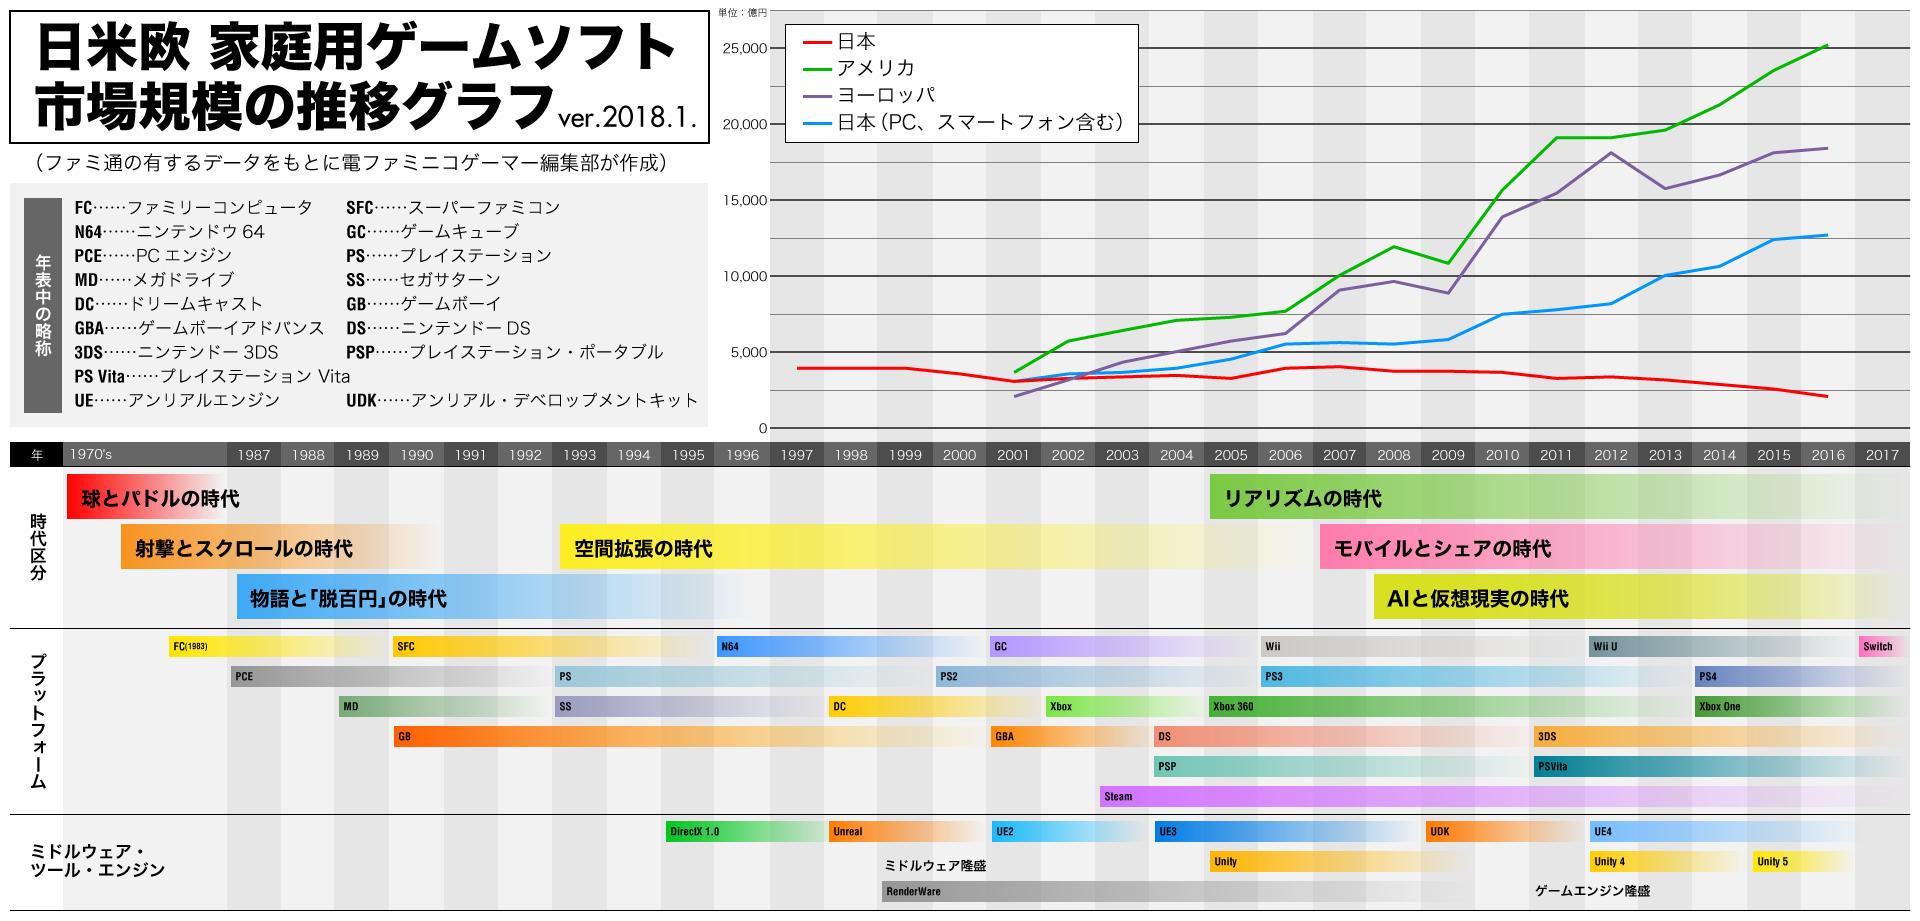 【悲報】日本のゲームが世界で売れない、なぜ日本のゲームメーカーは世界で戦えなくなったのか・・・ のサムネイル画像